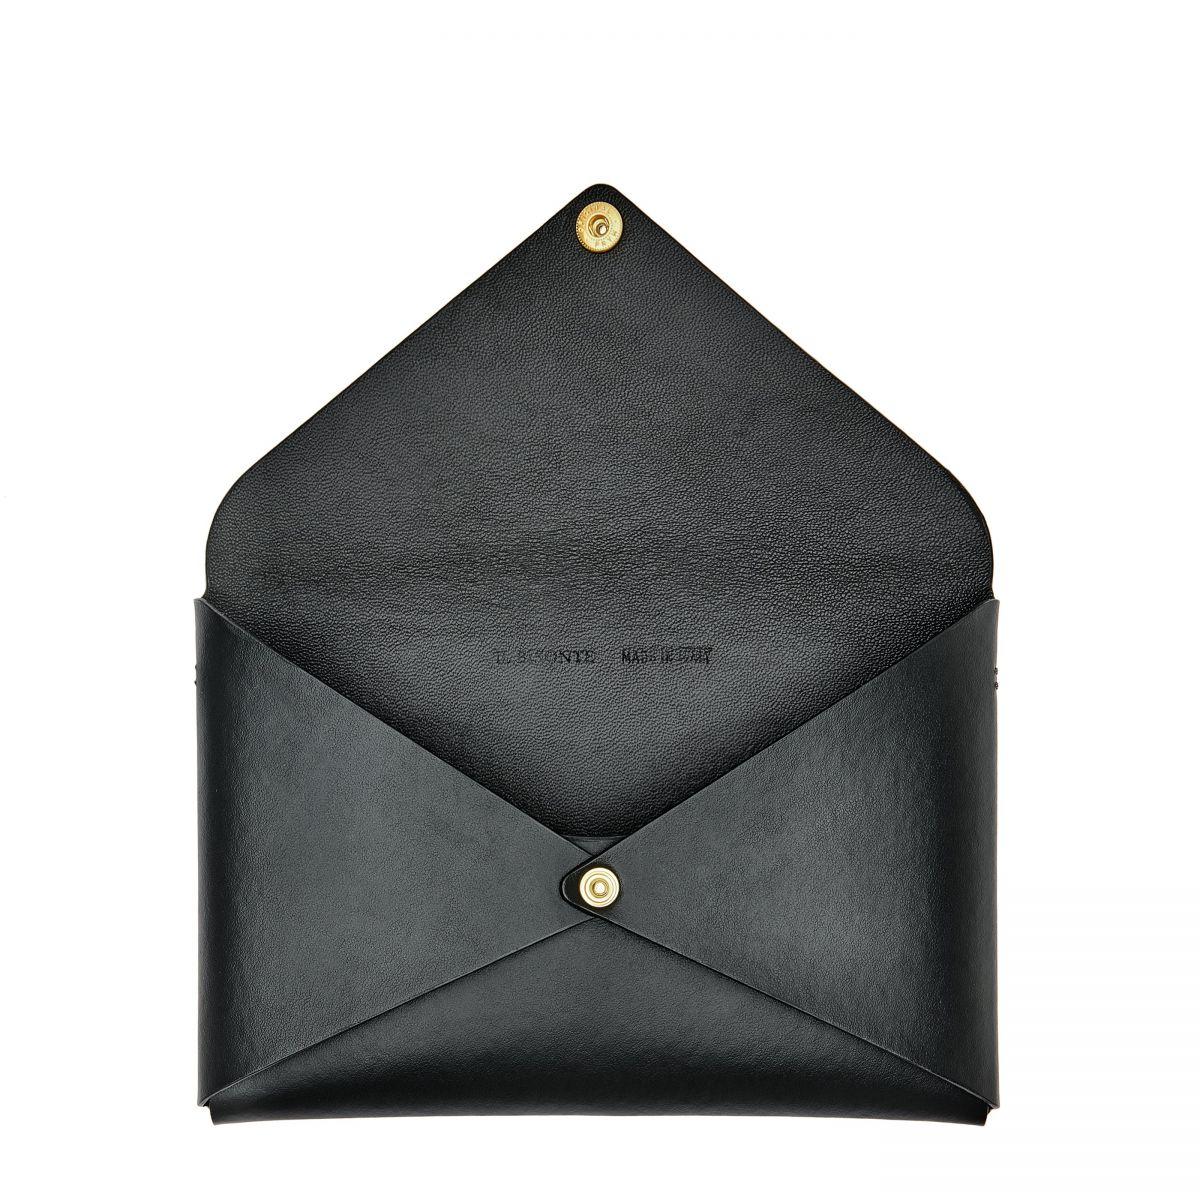 Titania - Women's Shoulder Bag in Calf Leather color Black - BSH137   Details